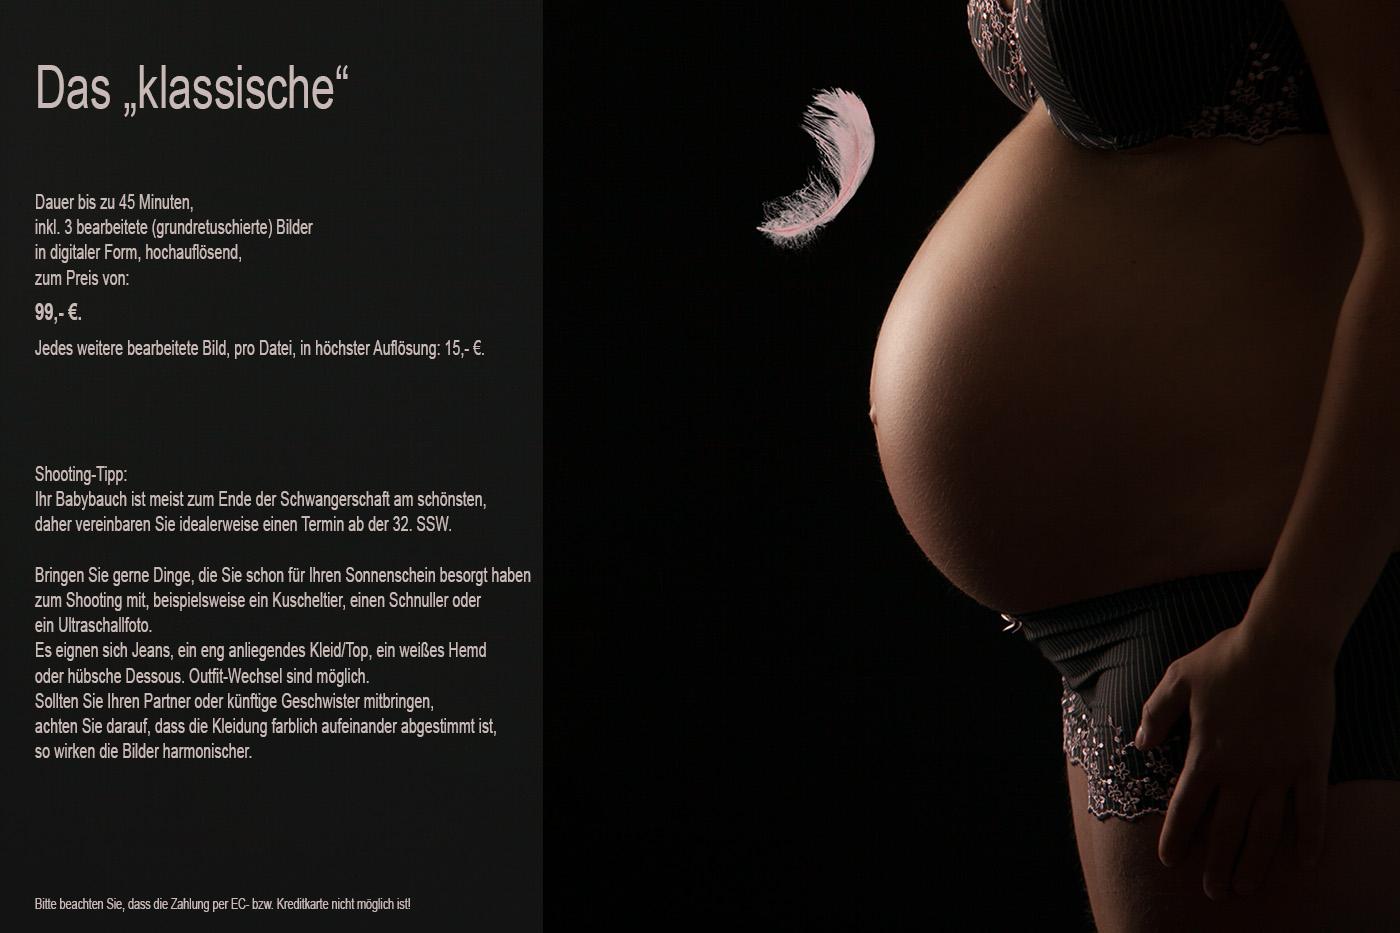 Babybauch-klassisch-Angebot